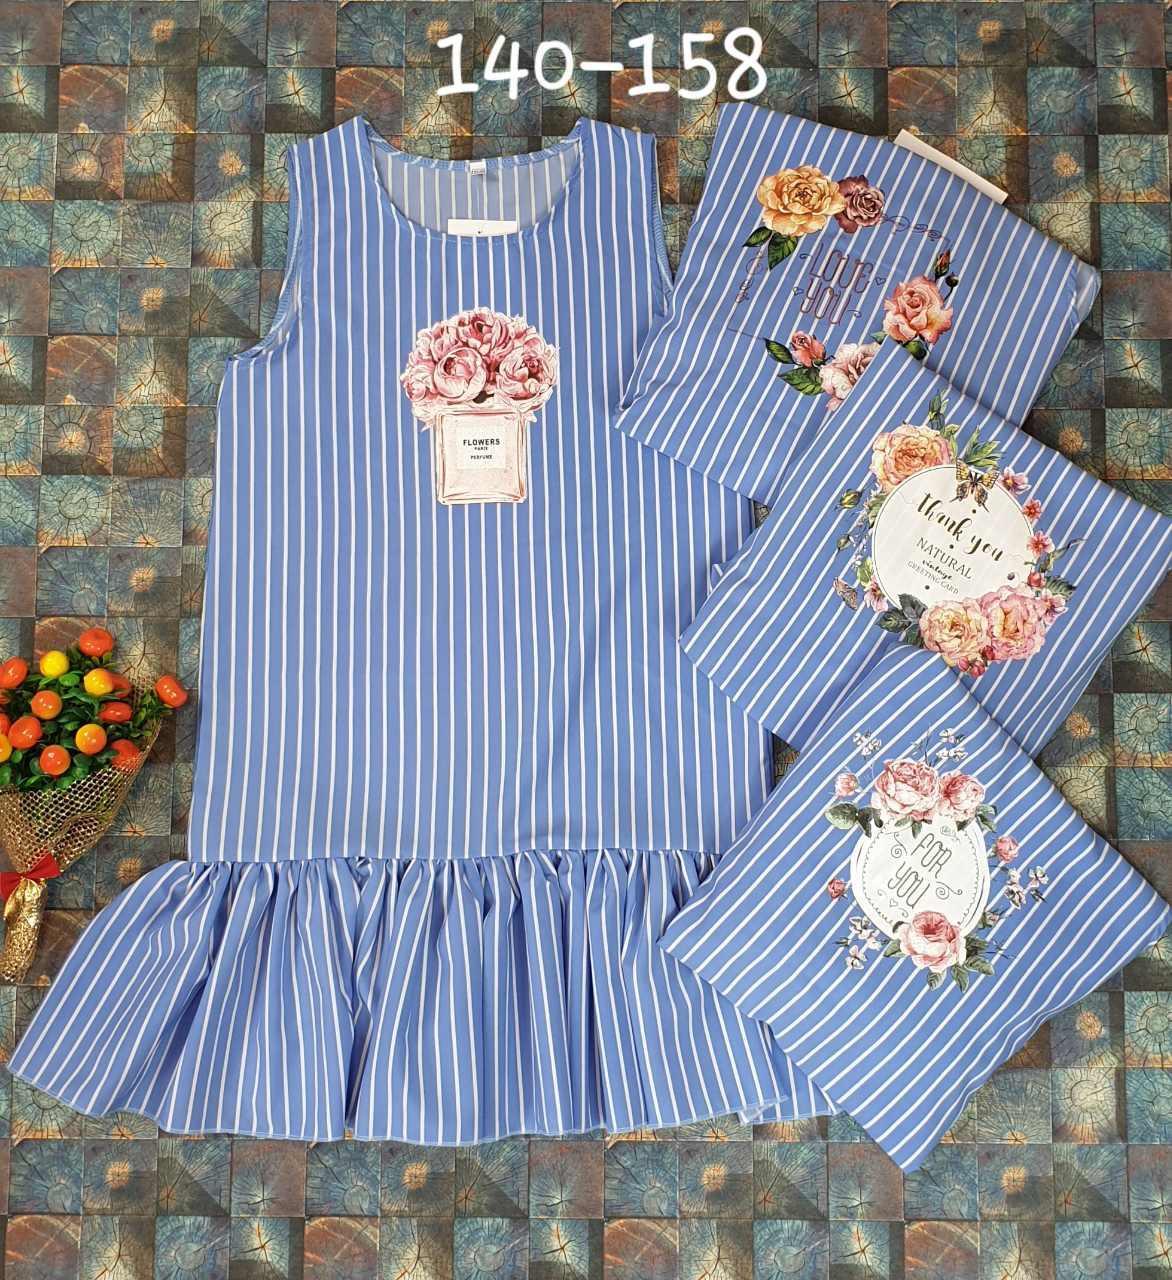 Летнее платье в полоску Модница р.140-158 опт